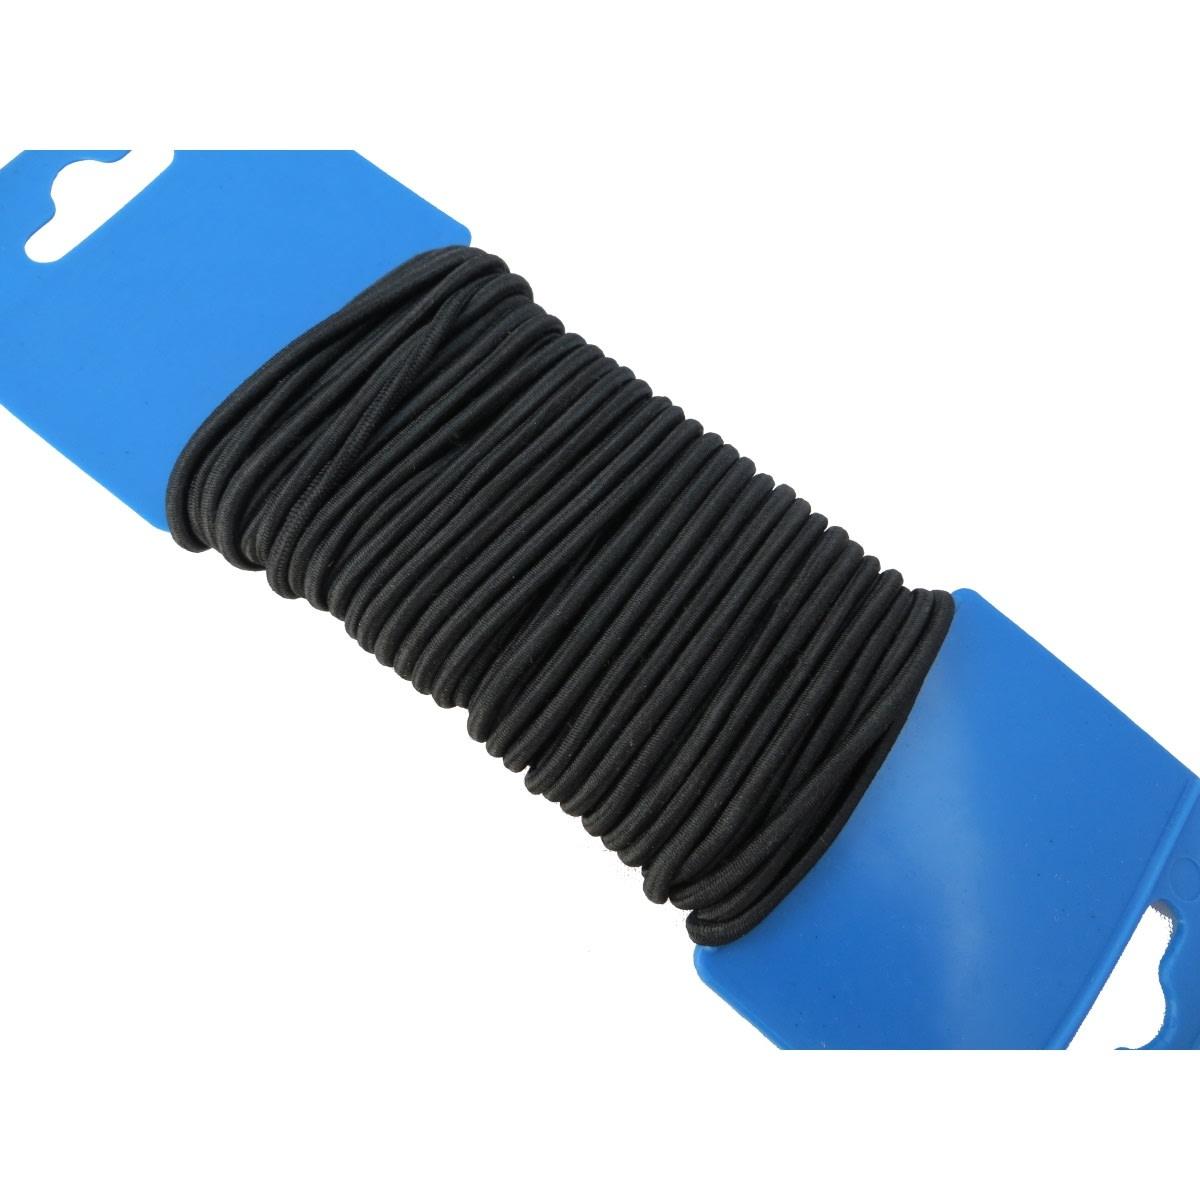 SecureTech Tent Pole Shock Cord 6mm